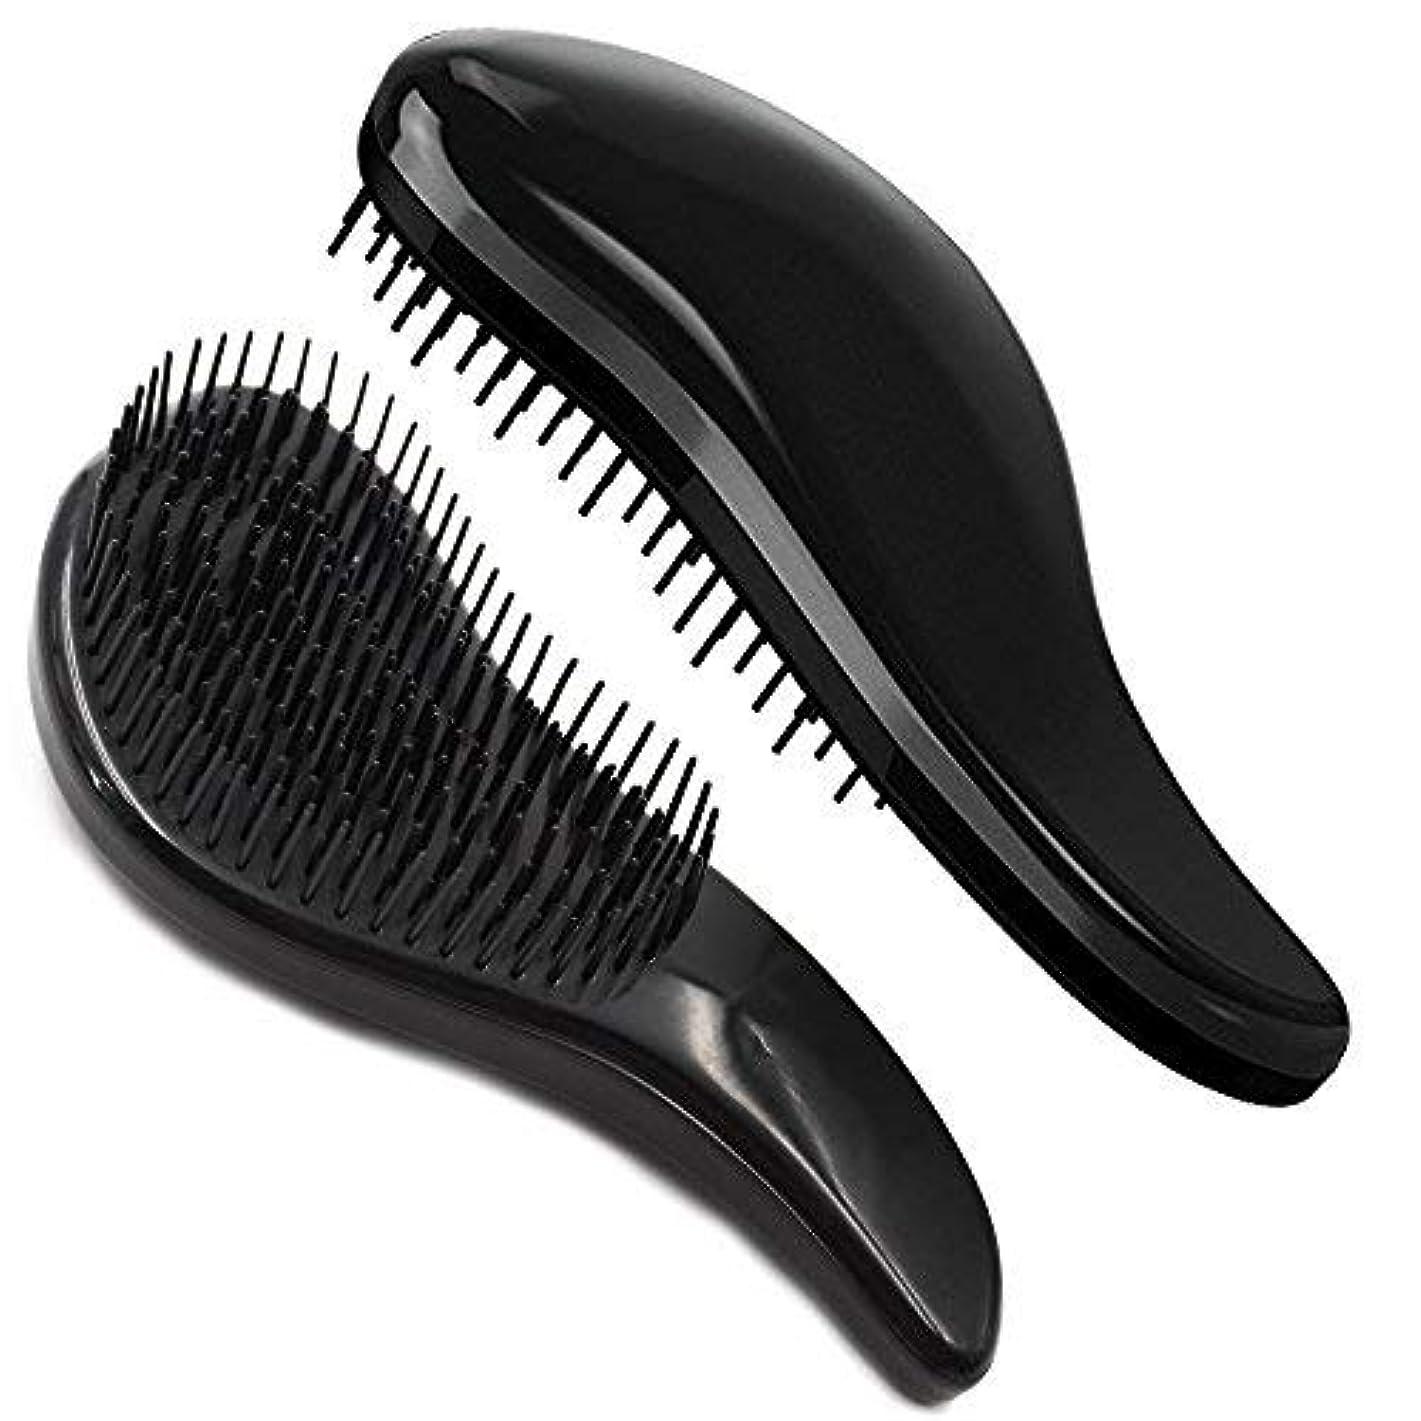 飾り羽シーケンス投票Brush Master Detangler Hair Comb Hair Brush for Wet Hair Curly Hair Straight Hair for Women Men Kids Black [並行輸入品]